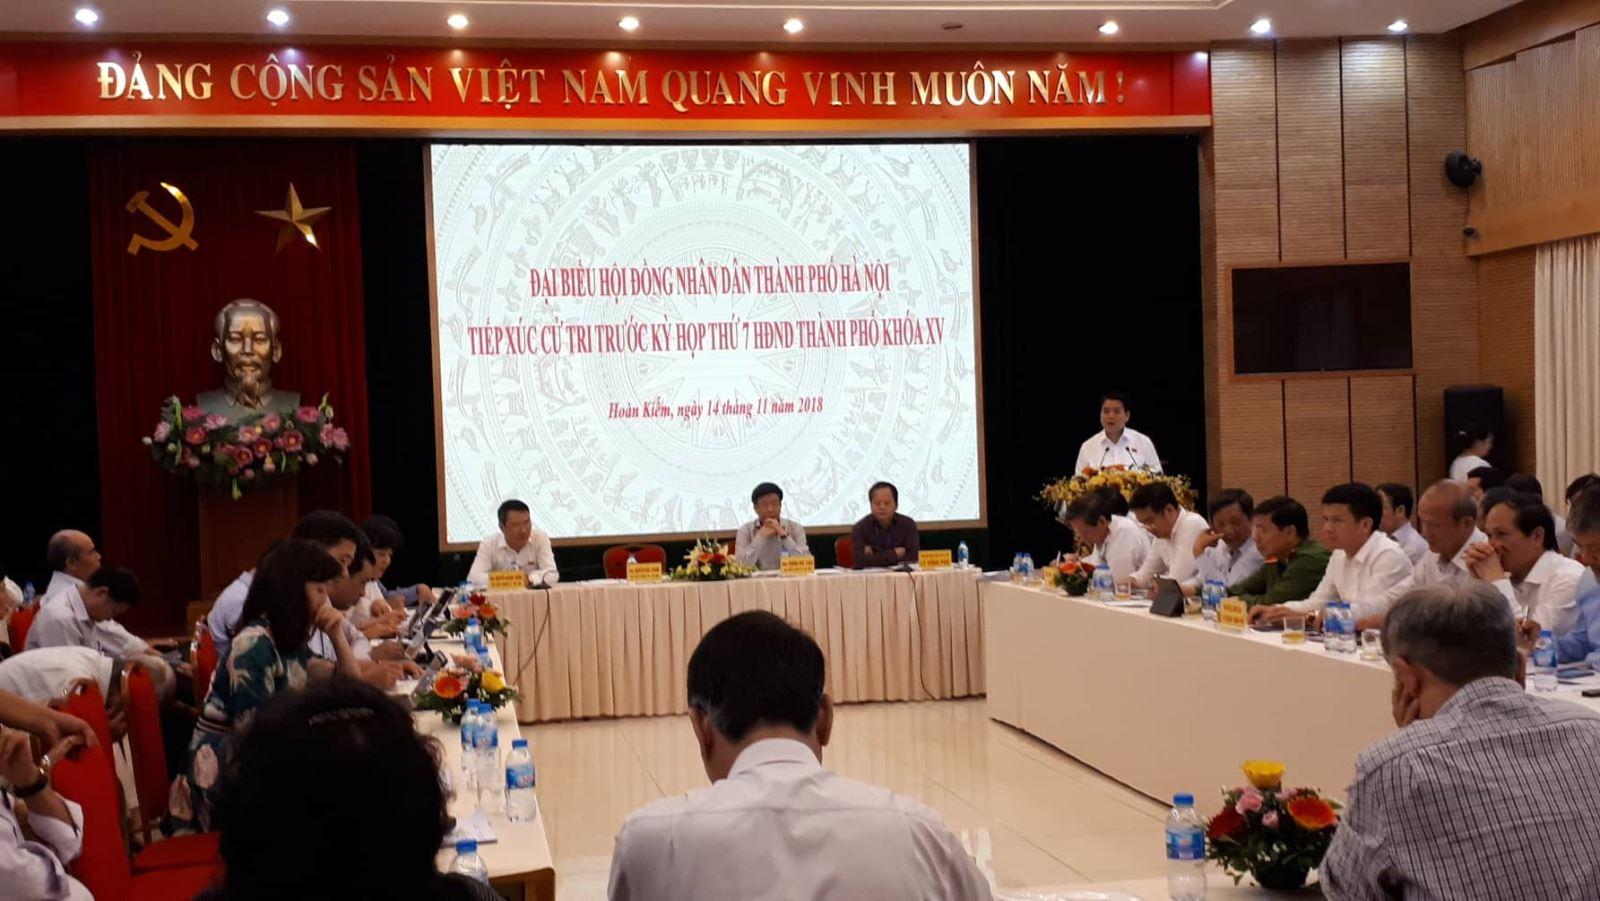 Lãnh đạo Hà Nội nhận trách nhiệm về các vi phạm đất đai tại huyện Ba Vì, Sóc Sơn - Ảnh 1